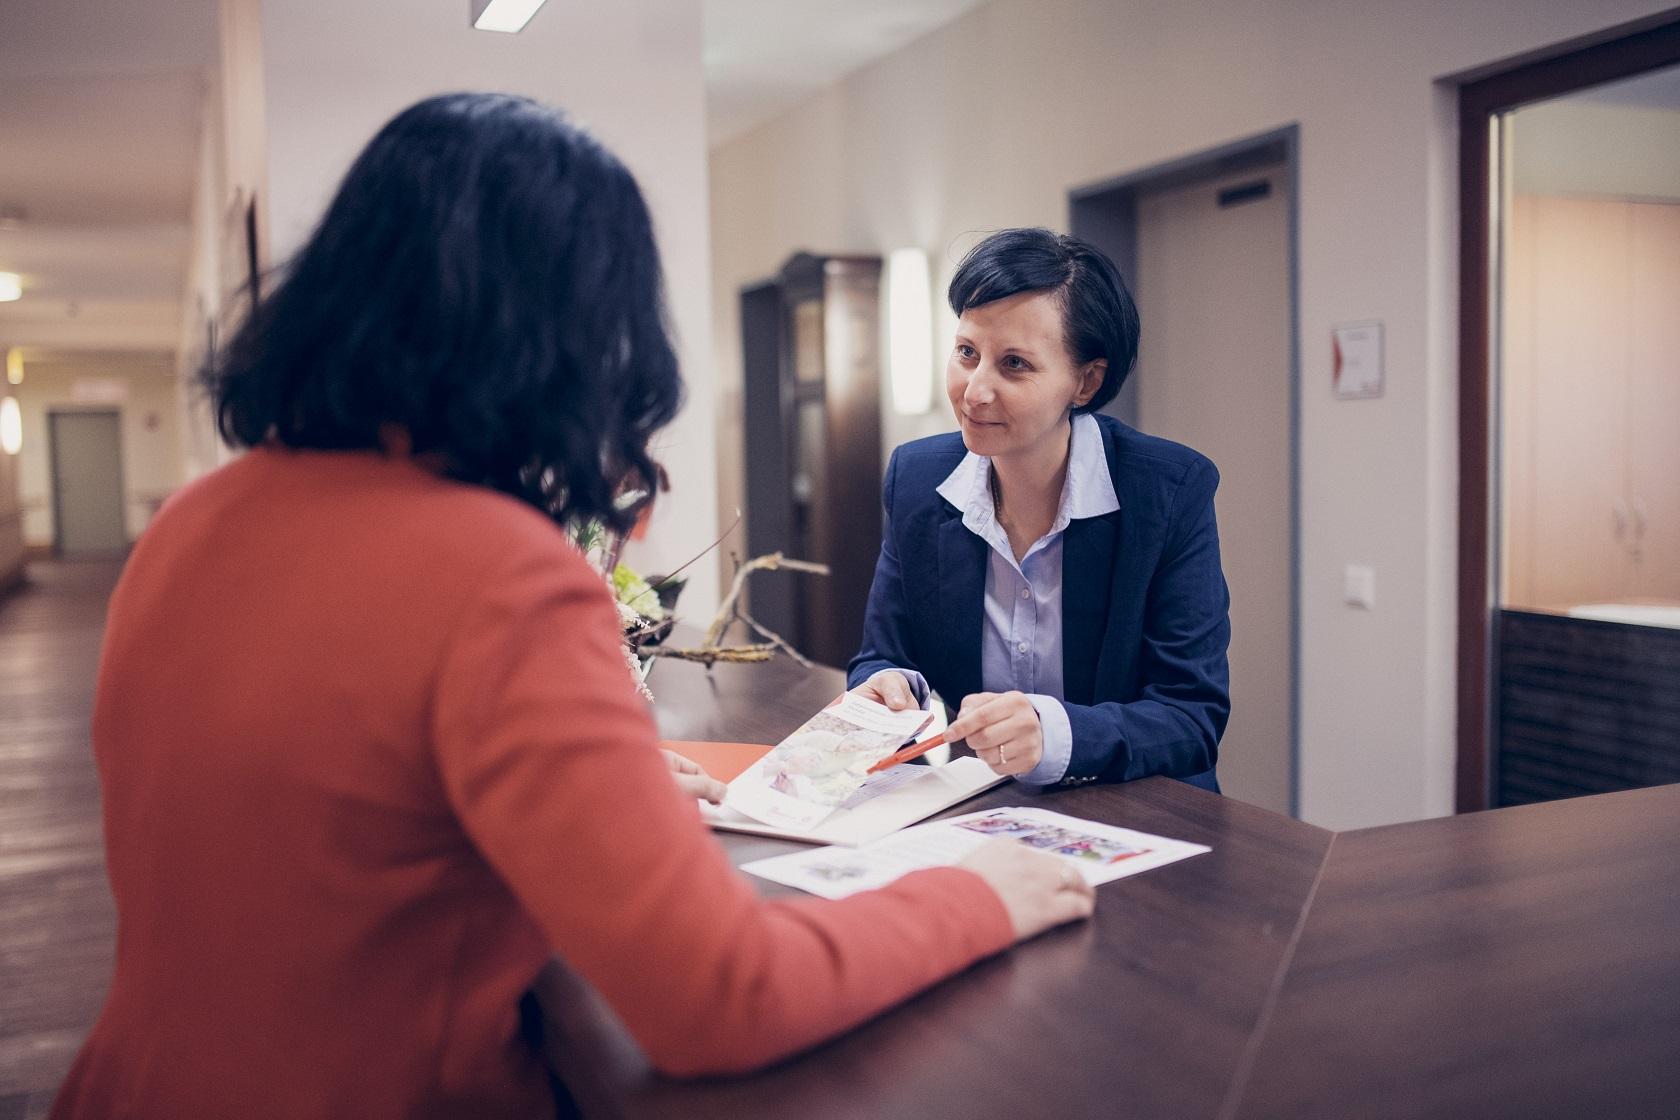 Eine Mitarbeiterin erklärt ein Dokument